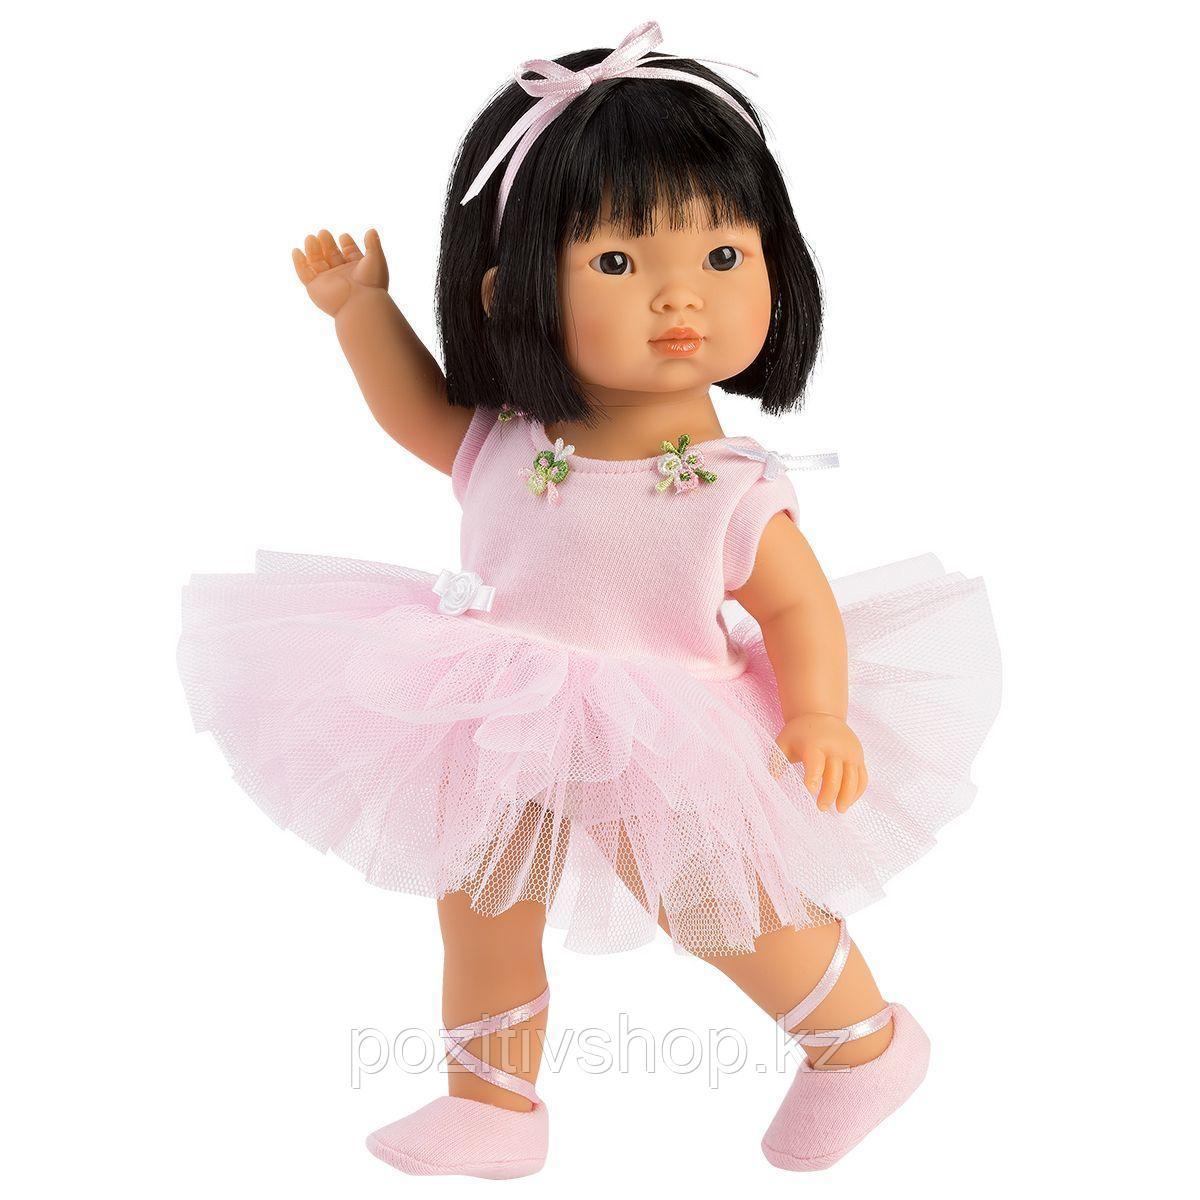 Кукла Llorens Лу брюнетка балерина - фото 1